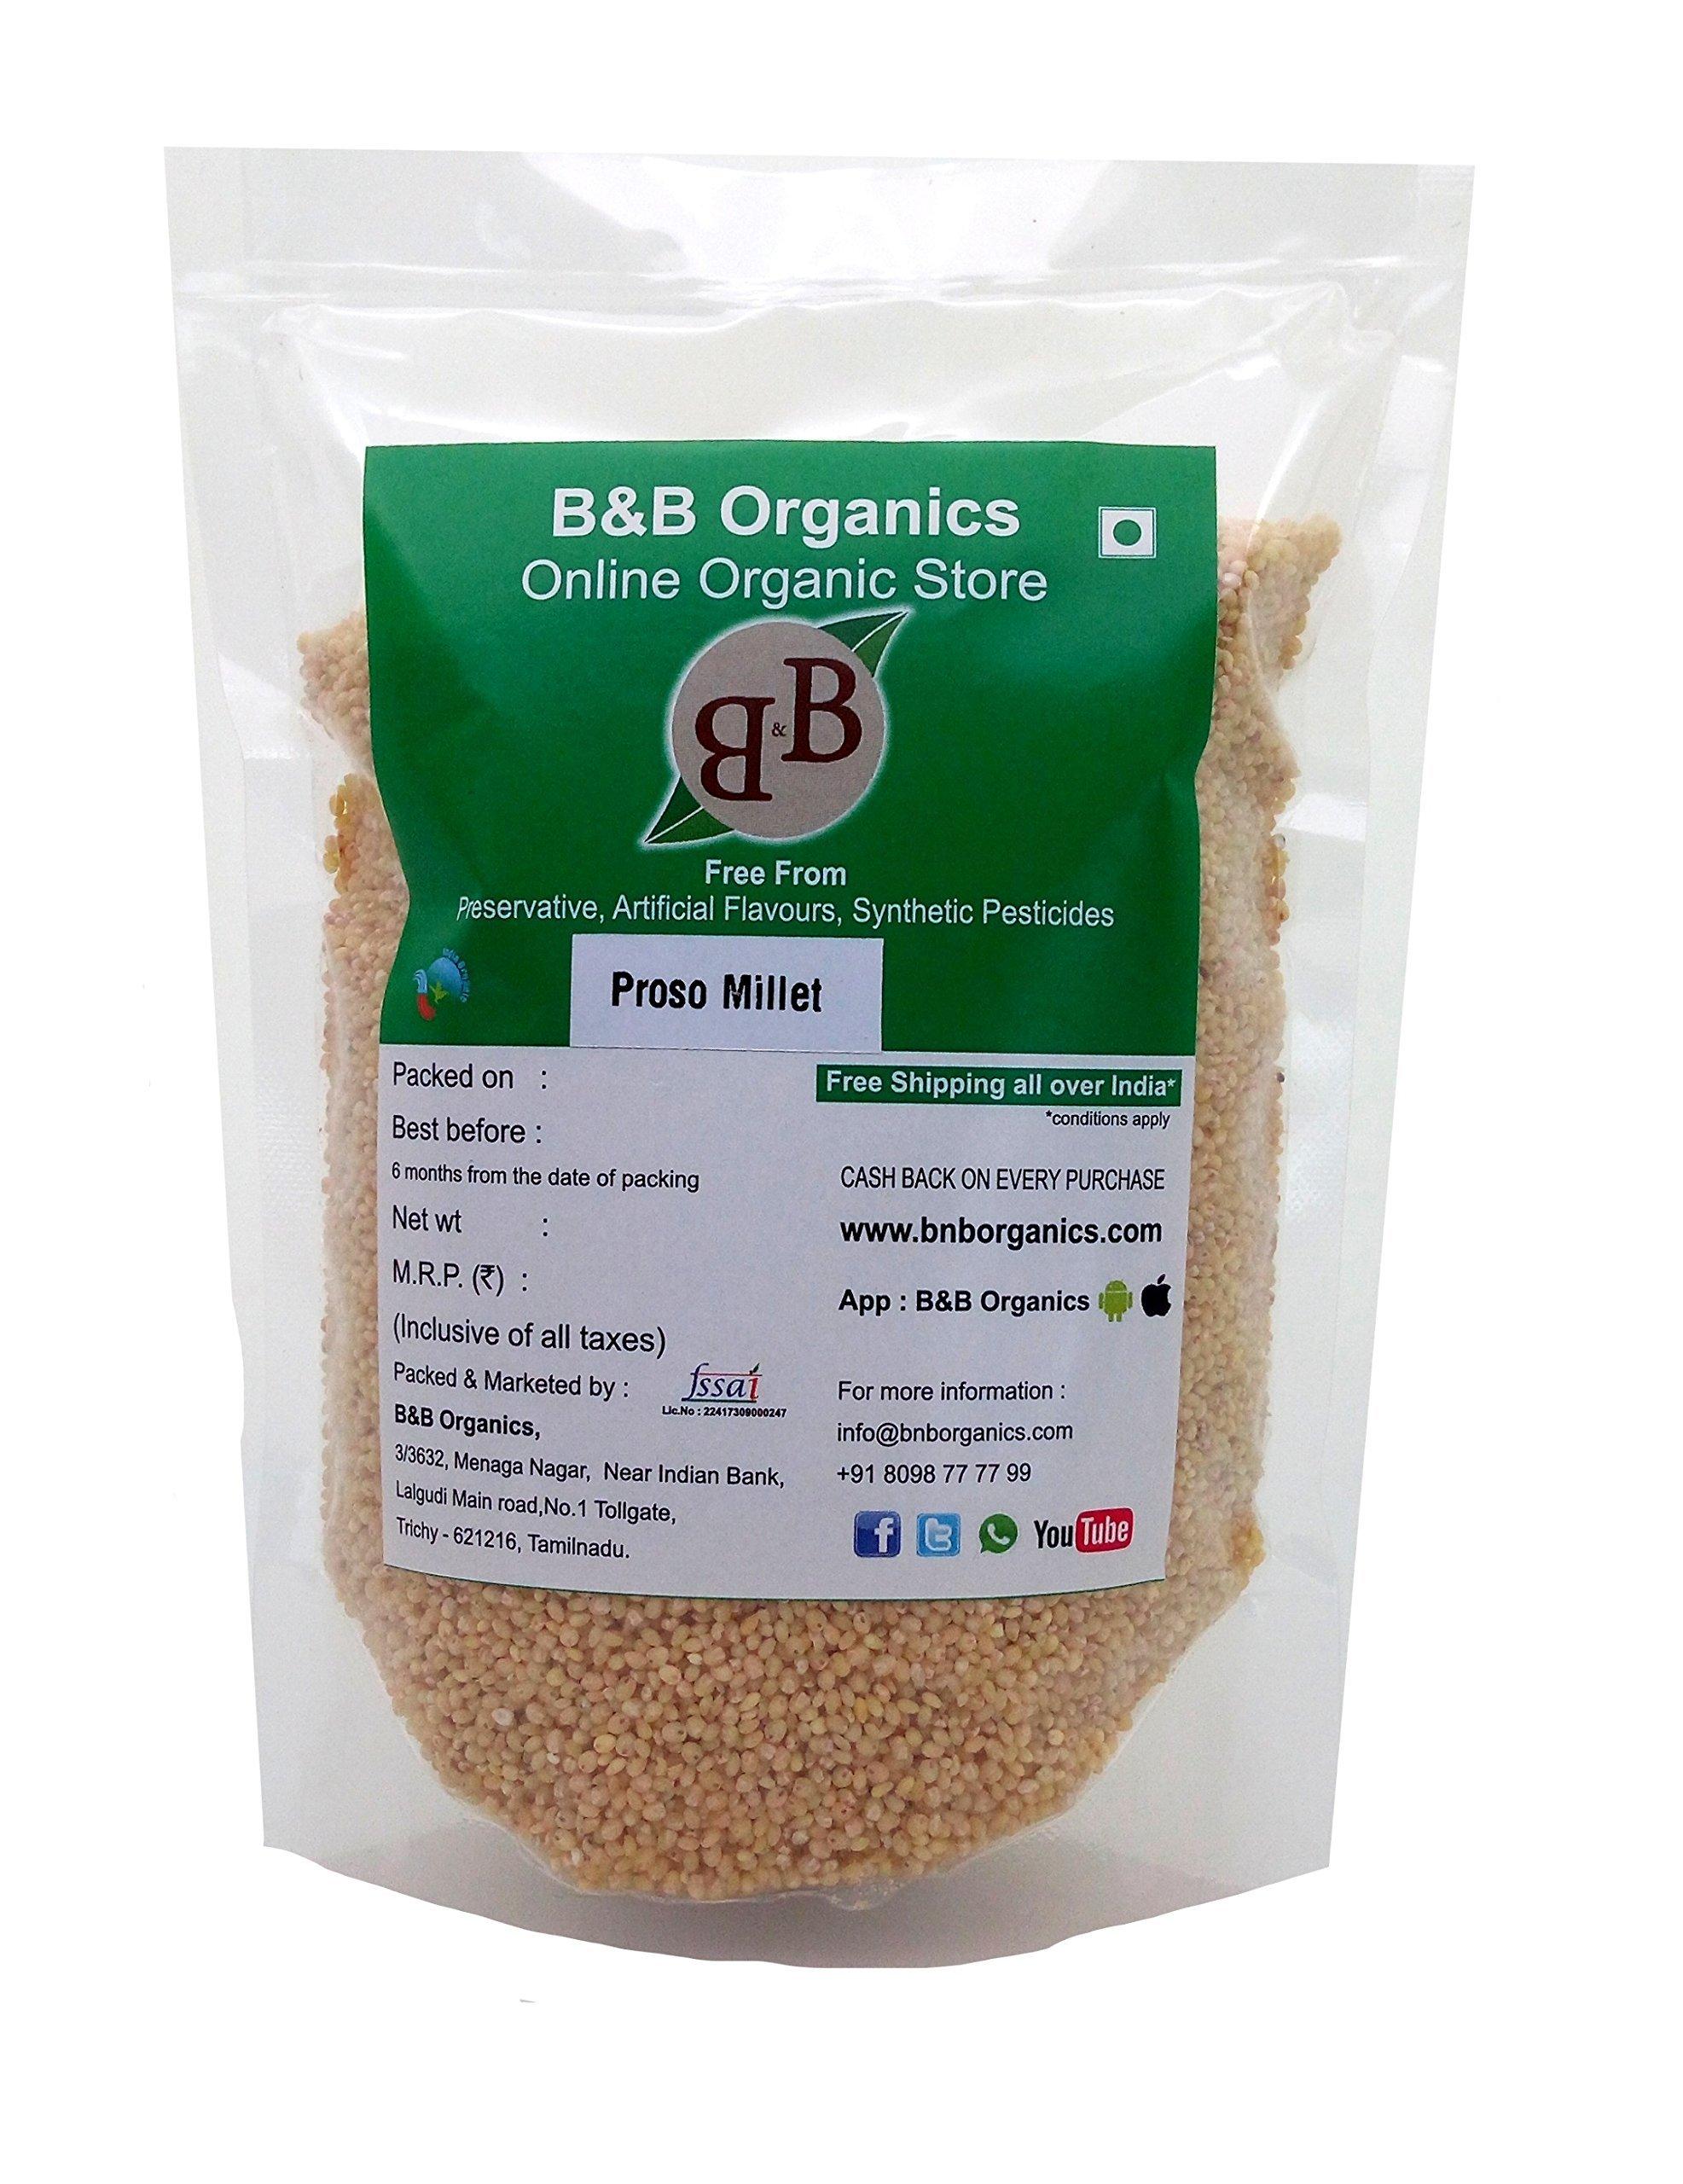 B&B Organics Proso Millet 1 kg